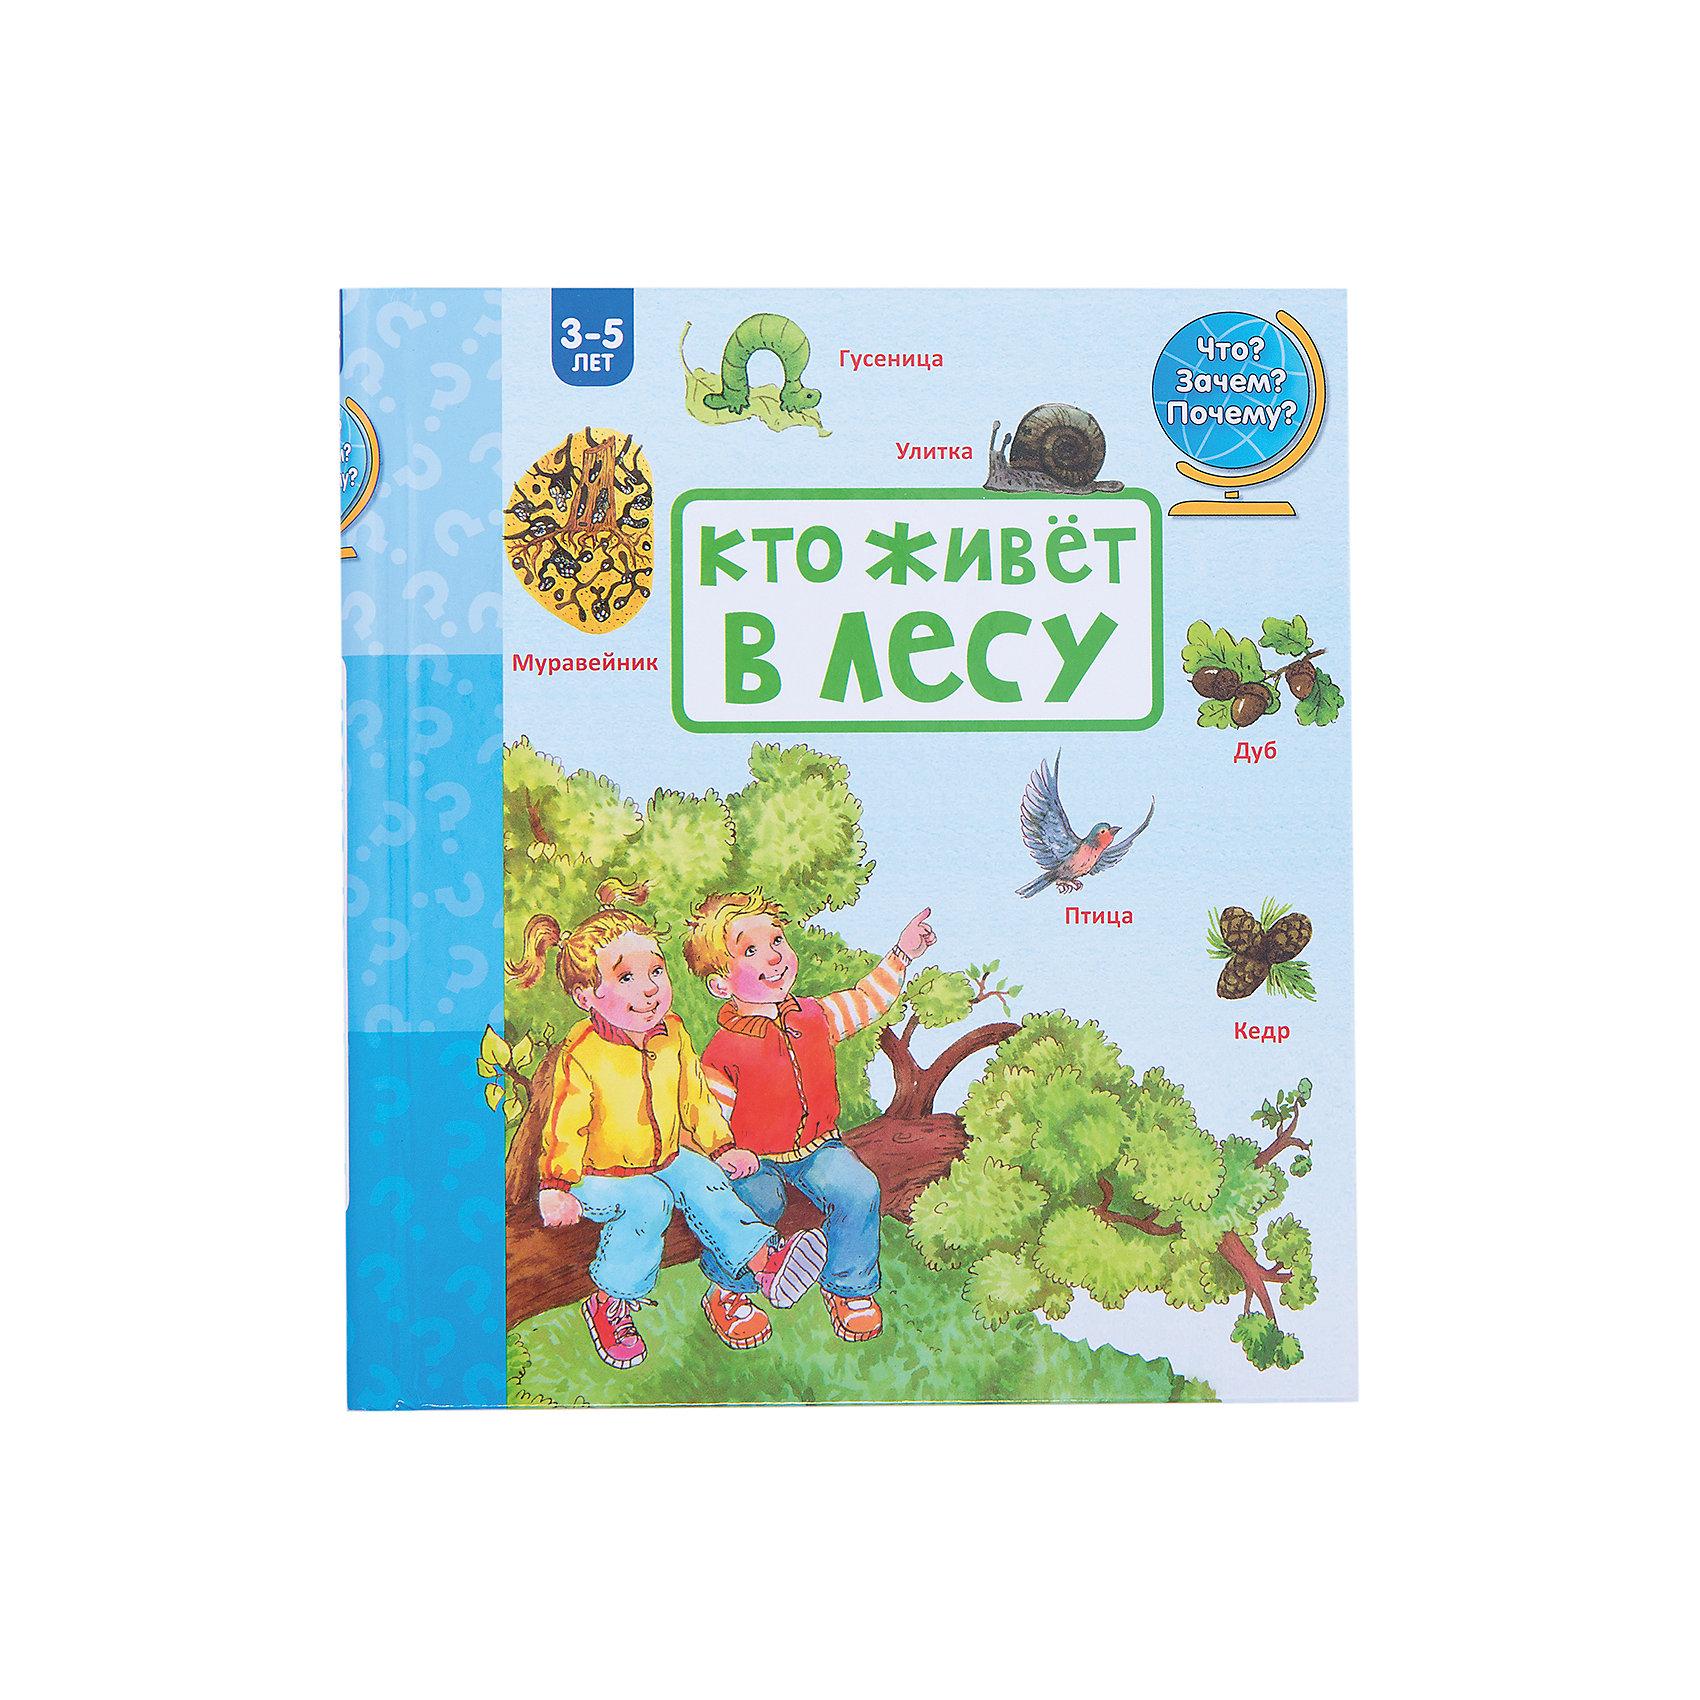 Кто живёт в лесуКнига «Кто живёт в лесу» из серии «Что? Зачем? Почему?» для дошкольников поможет вашему ребенку узнать о том, какие бывают деревья, почему птицы строят свои гнезда, какие животные спят зимой, у кого из животных зимой шубка меняет свой цвет. Яркие красочные иллюстрации превратят каждую страницу книги в событие. <br>- год выпуска: 2015<br>- количество страниц: 16<br>- формат: 19,6 * 18,5 * 1,3 см.<br>- переплет: твердый<br>- вес: 260 гр.<br><br>Книгу «Кто живёт в лесу» можно купить в нашем интернет - магазине.<br>Подробнее:<br>• ISBN: 9785170915026<br>• Для детей в возрасте: от 3 до 5 лет<br>• Номер товара: 4902175<br>Страна производитель: Российская Федерация<br><br>Ширина мм: 15<br>Глубина мм: 165<br>Высота мм: 190<br>Вес г: 260<br>Возраст от месяцев: 48<br>Возраст до месяцев: 72<br>Пол: Унисекс<br>Возраст: Детский<br>SKU: 4902175